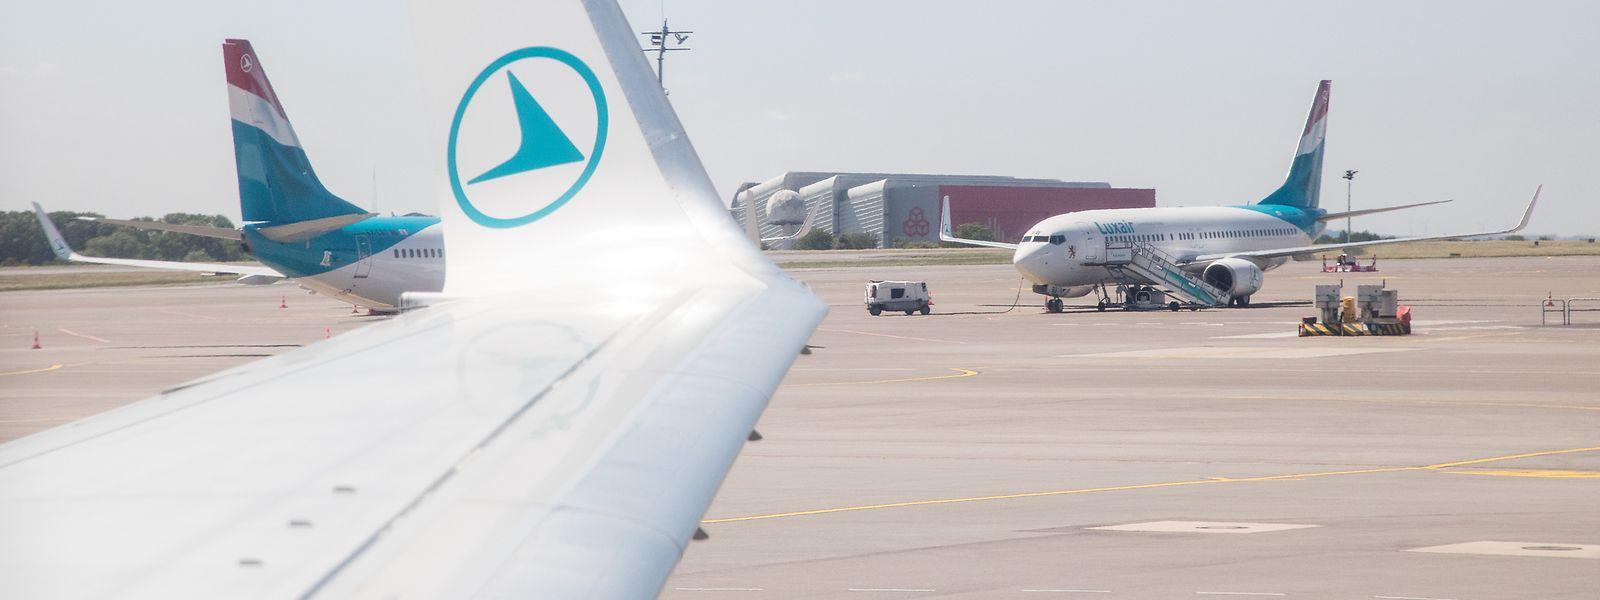 Alle Starts finden statt - der Flughafen wird wieder stabil mit Treibstoff versorgt.